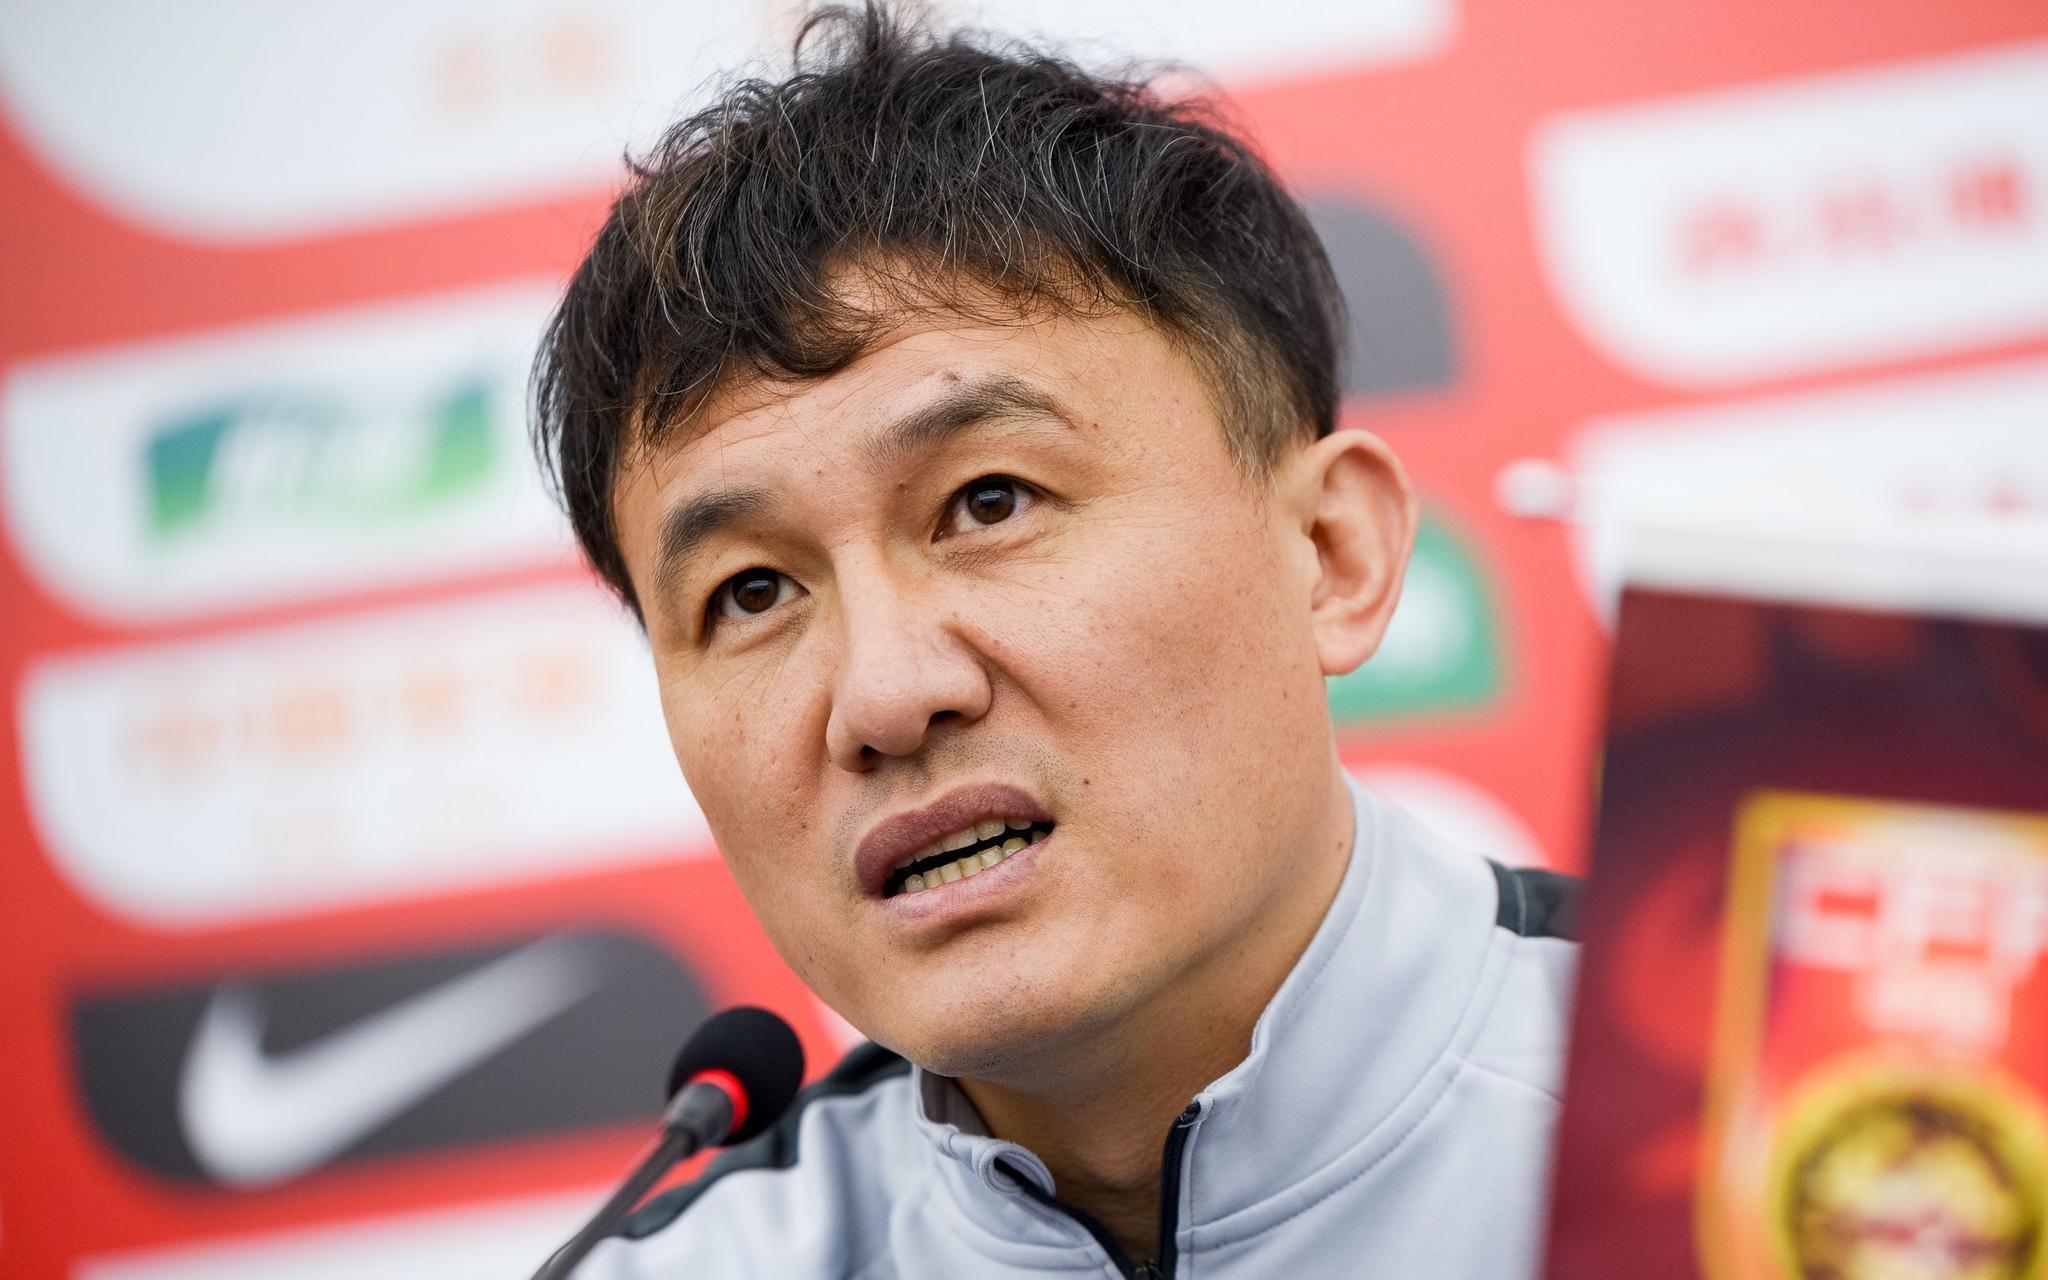 http://www.bvwet.club/shehuiwanxiang/346816.html